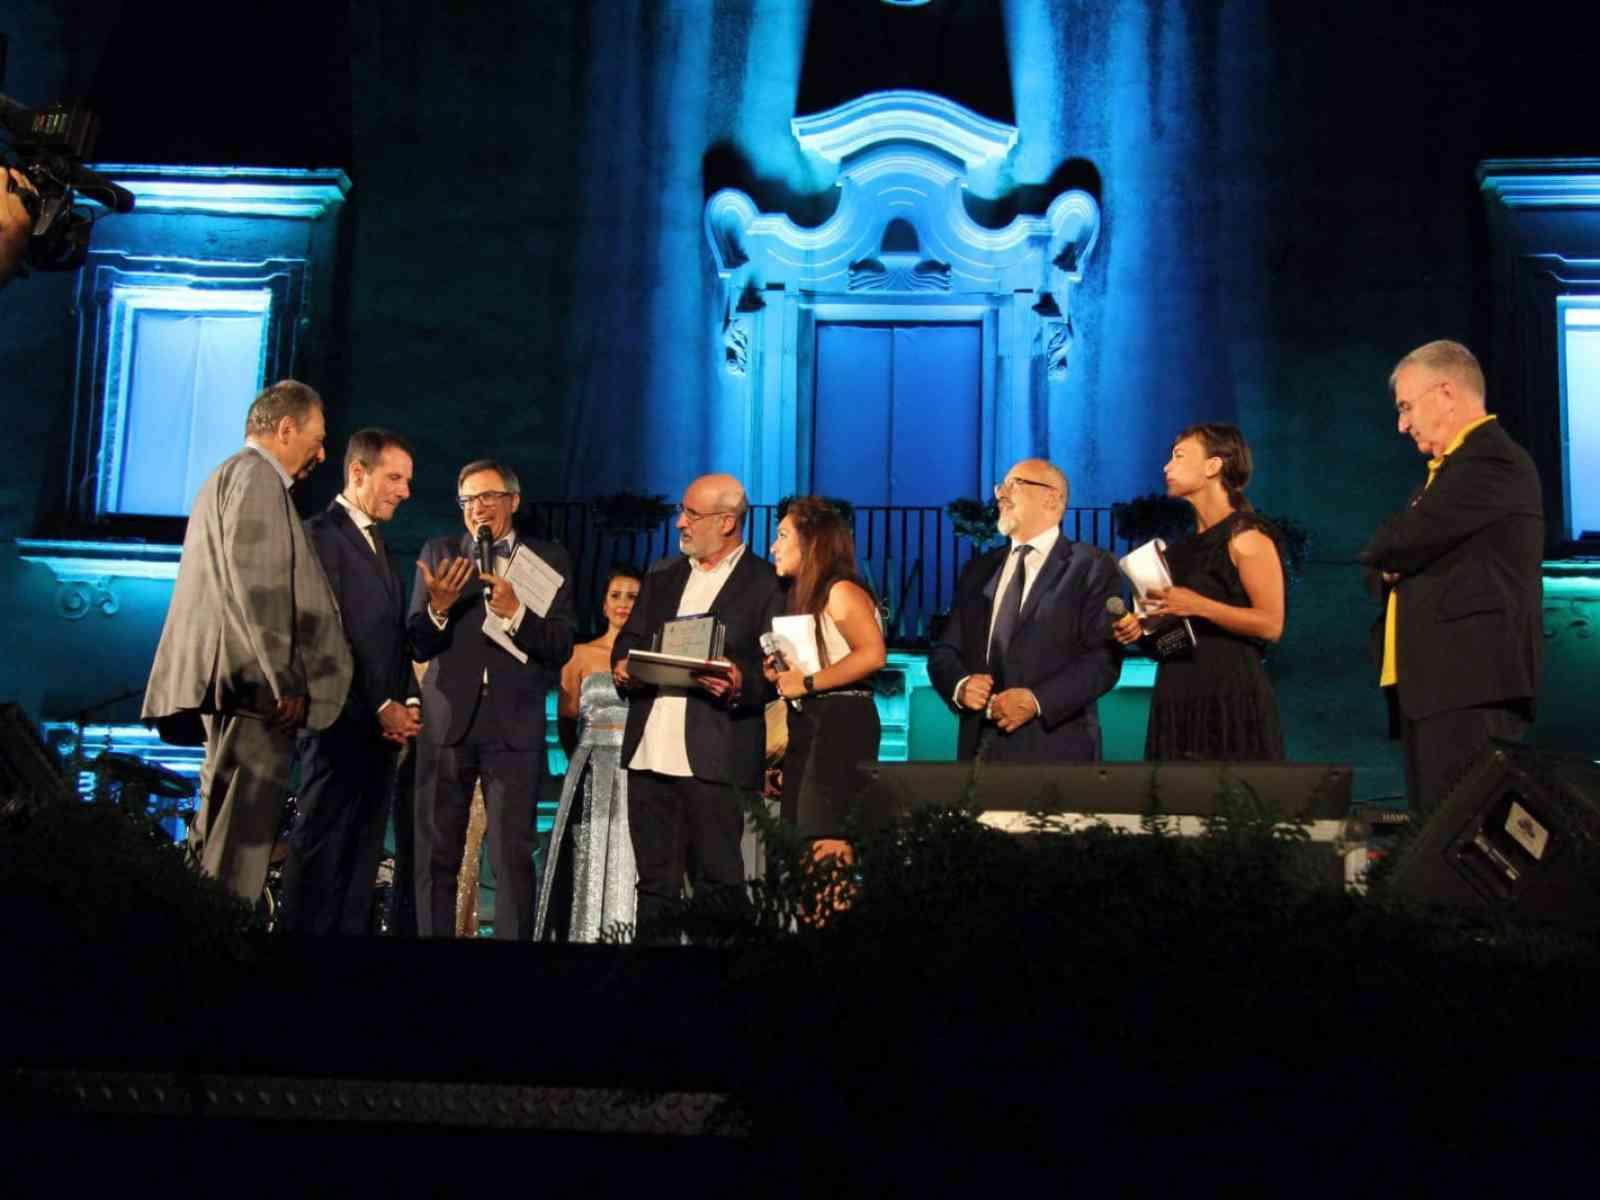 Immagine articolo: Musica, spettacolo ed emozioni. Successo a Santa Margherita per la XV edizione del Premio Letterario Giuseppe Tomasi di Lampedusa